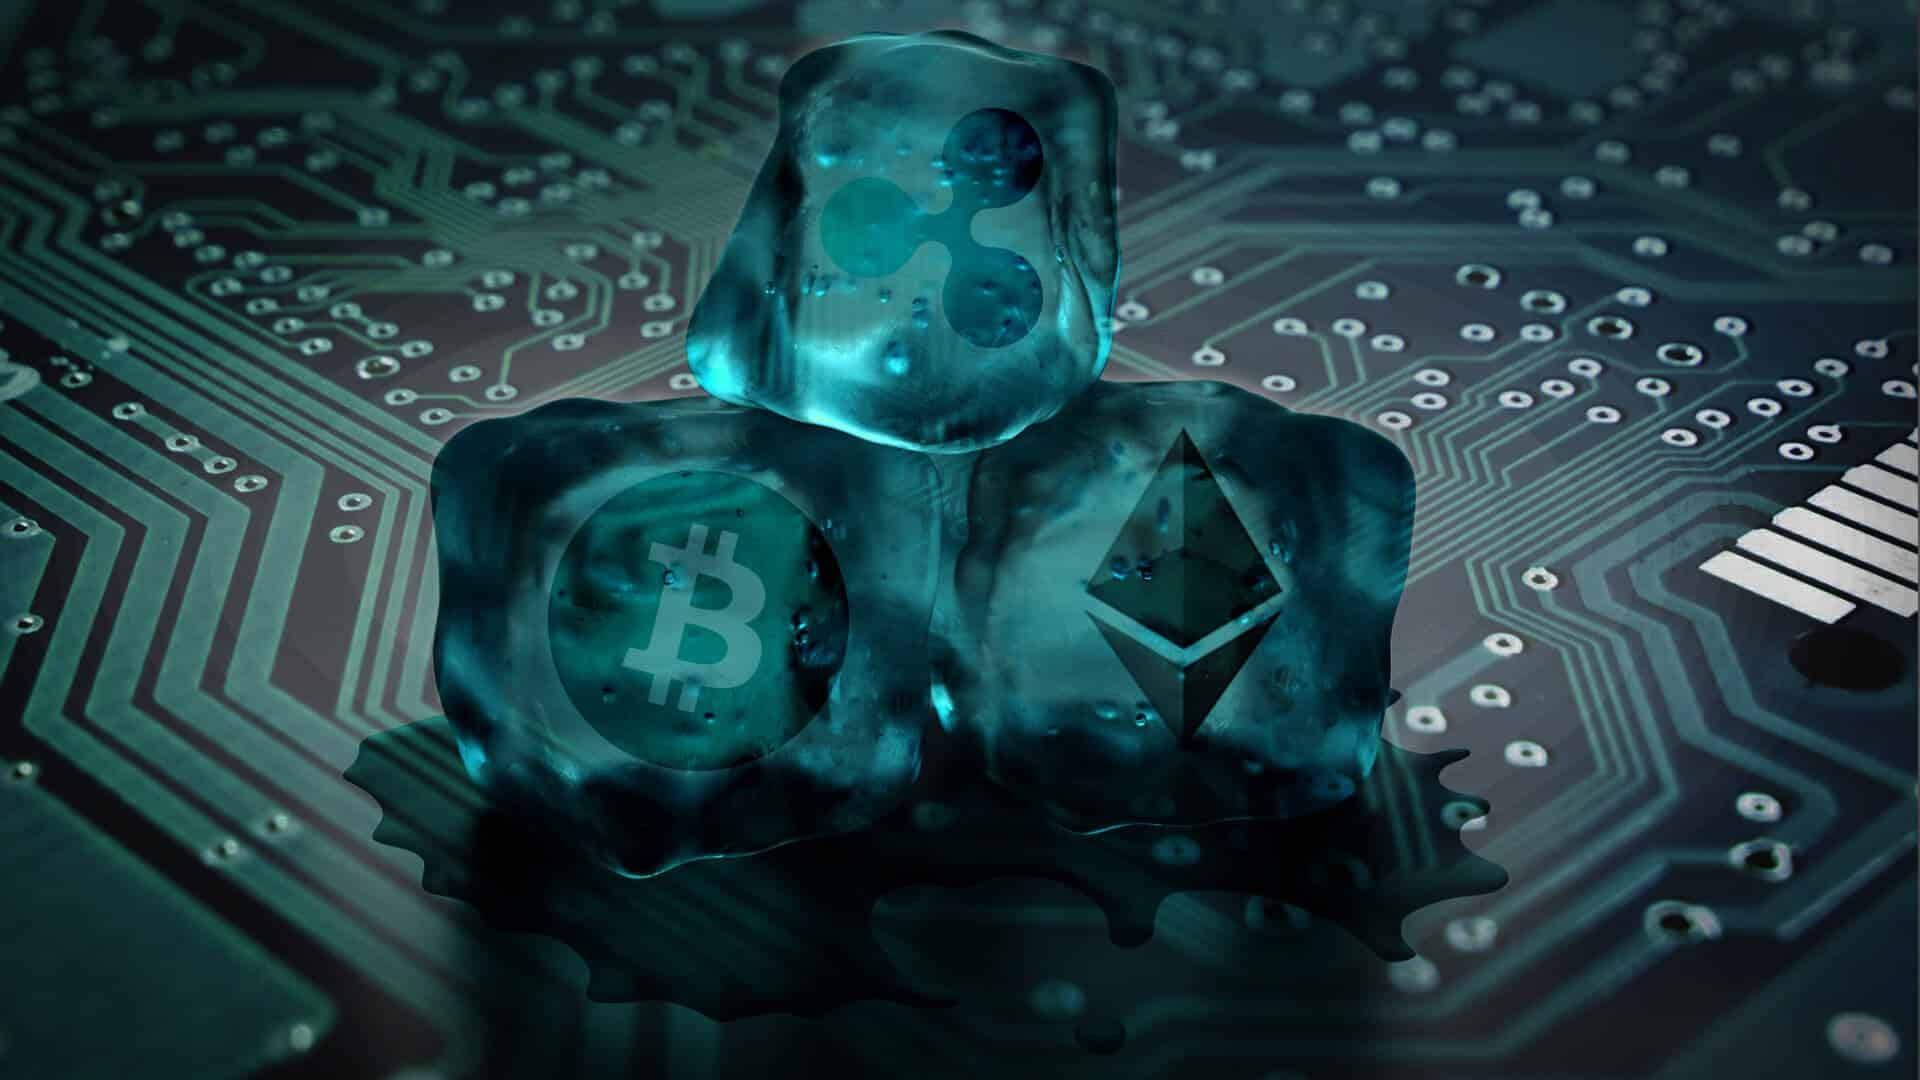 Cold Storage dargestellt als Eiswürfel mit Symbolen für die Kryptowährungen Bitcoin, Ethereum und Ripple